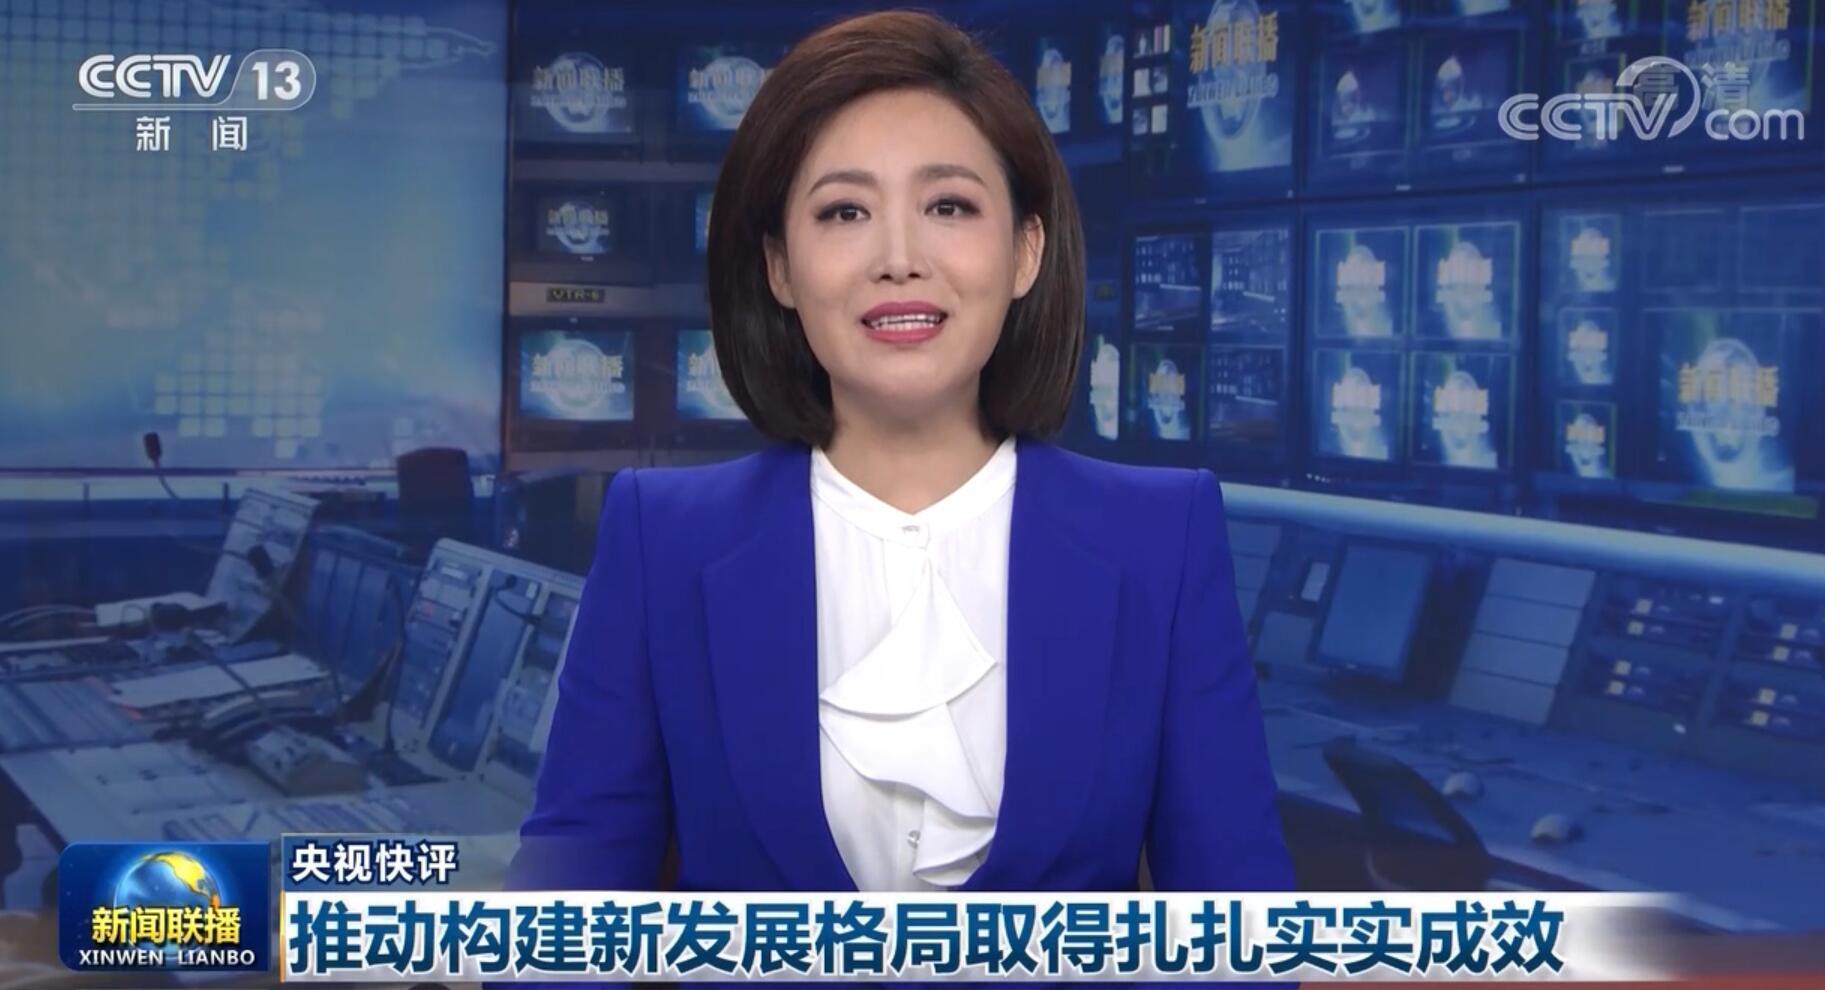 【央视快评】推动构建新发展格局取得扎扎实实成效